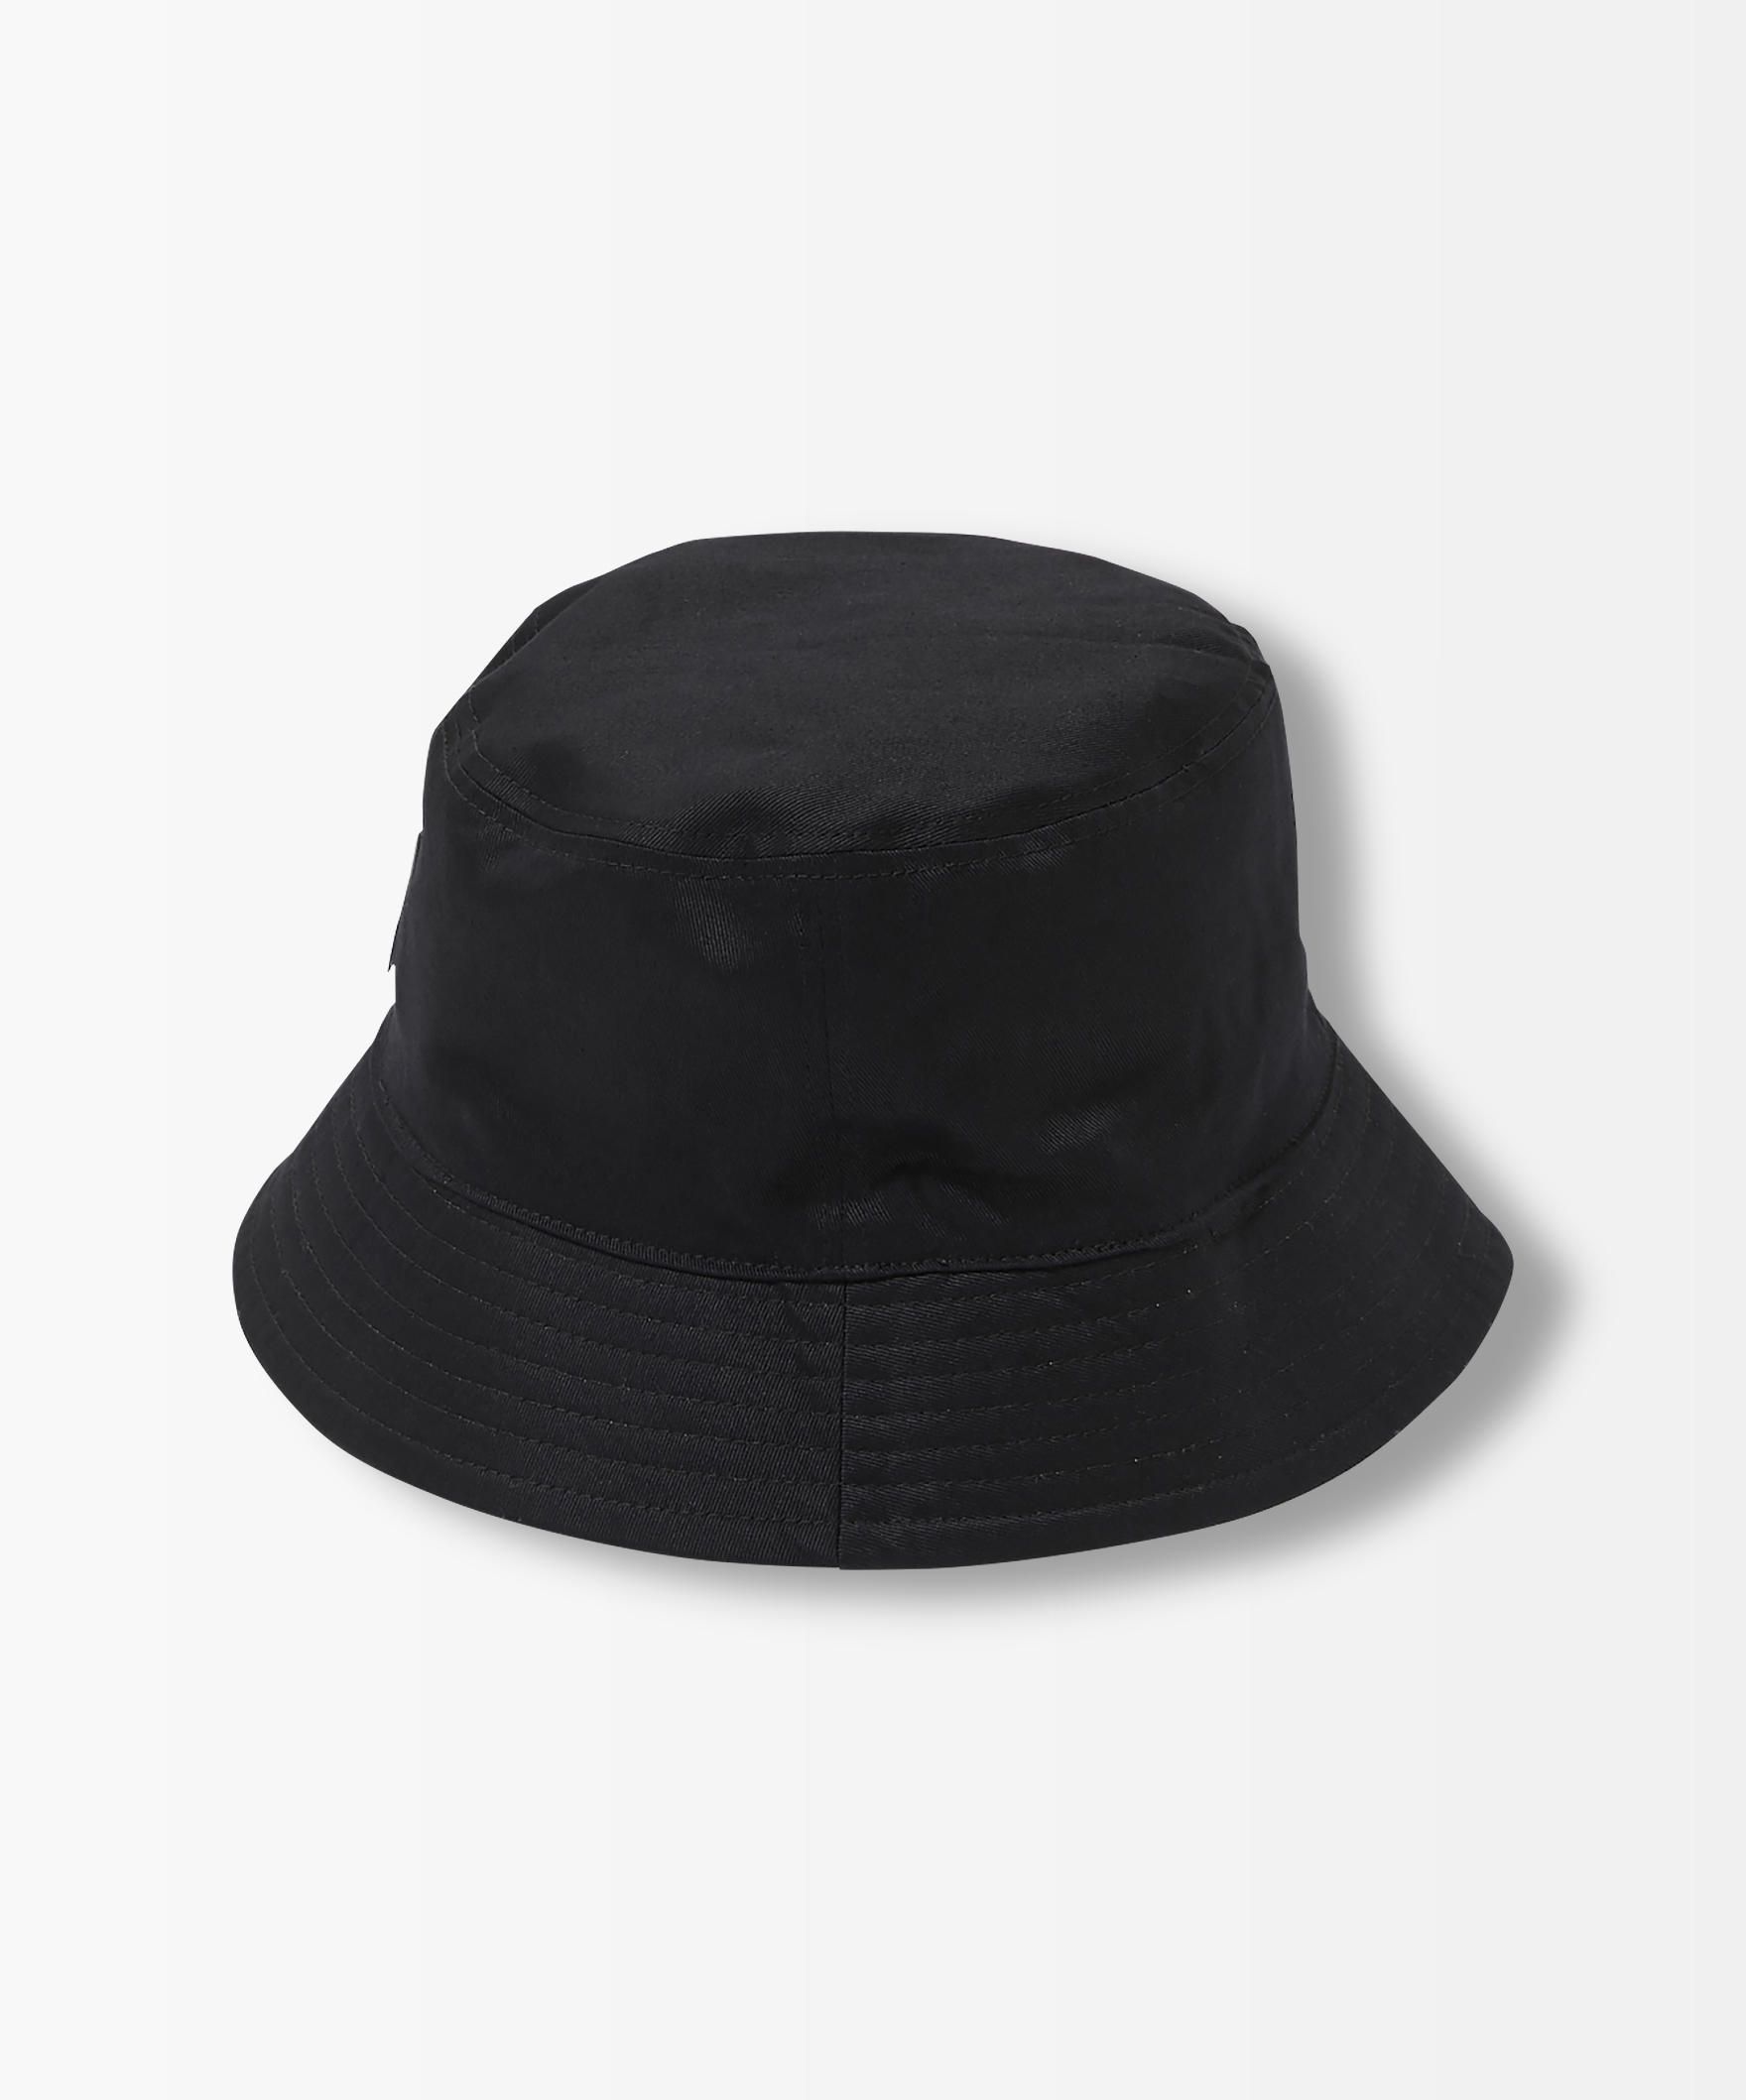 YR BUCKET HAT